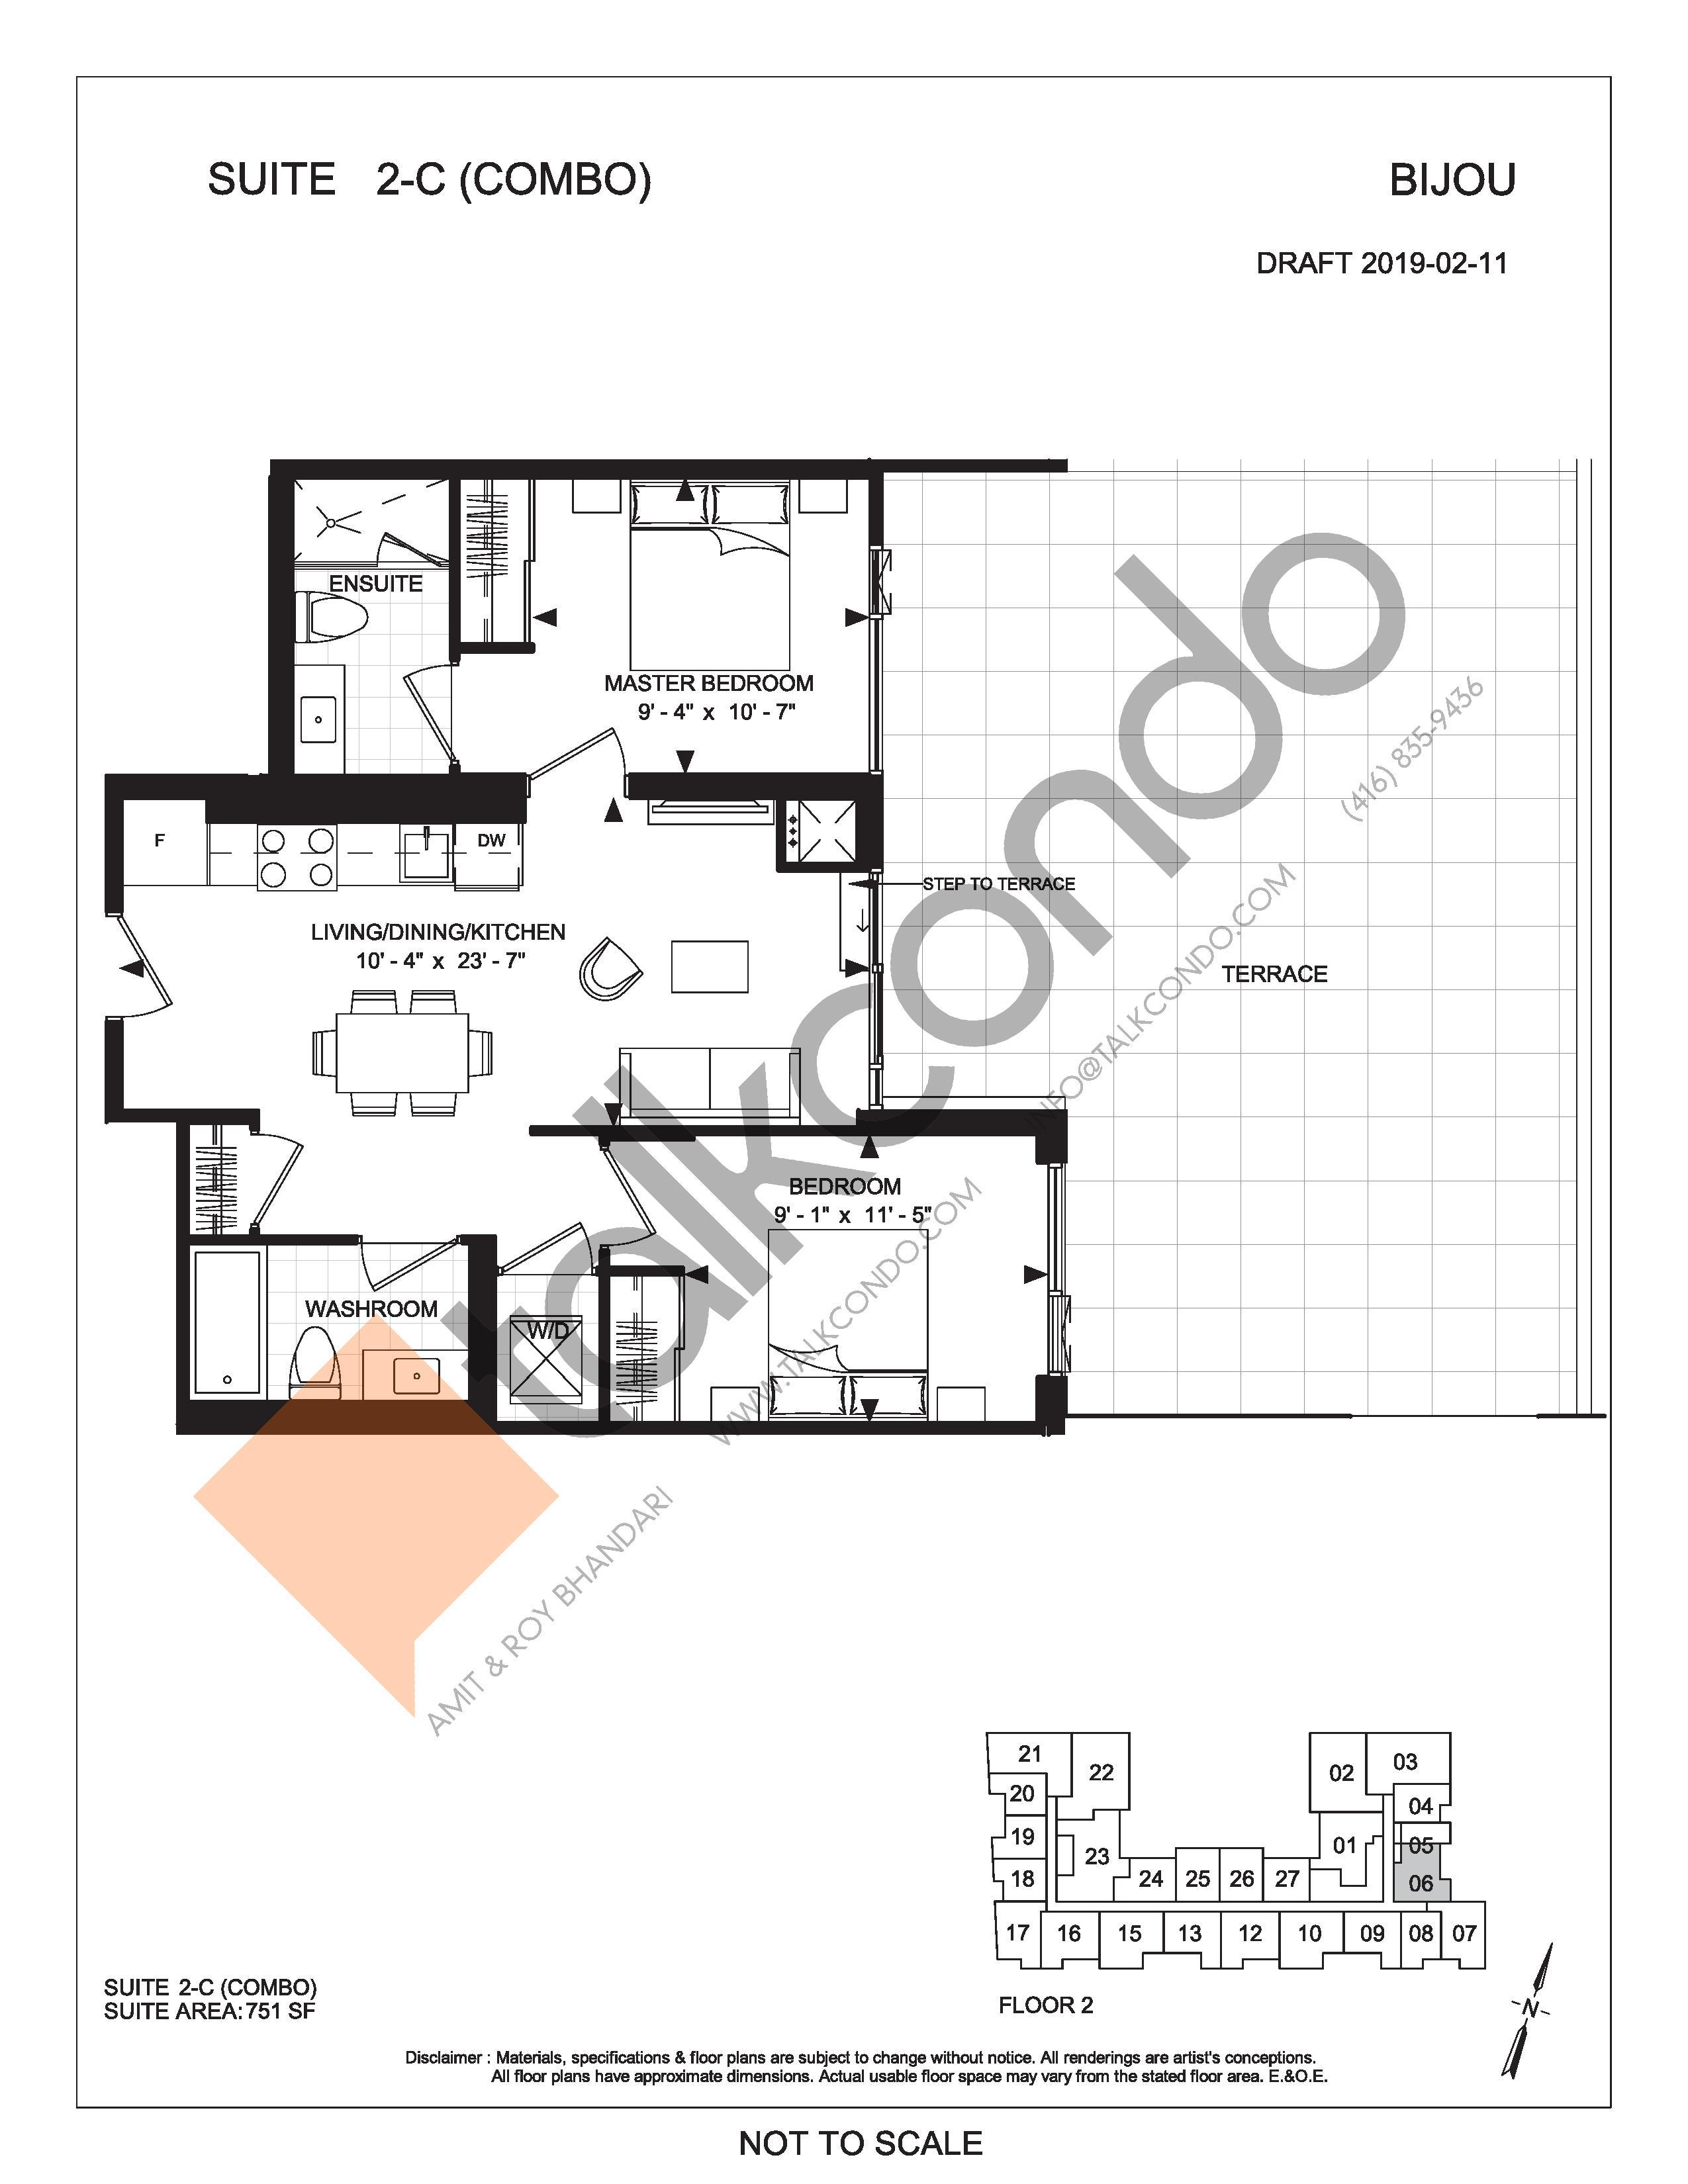 Bijou On Bloor Condos Floor Plans Prices Availability Talkcondo